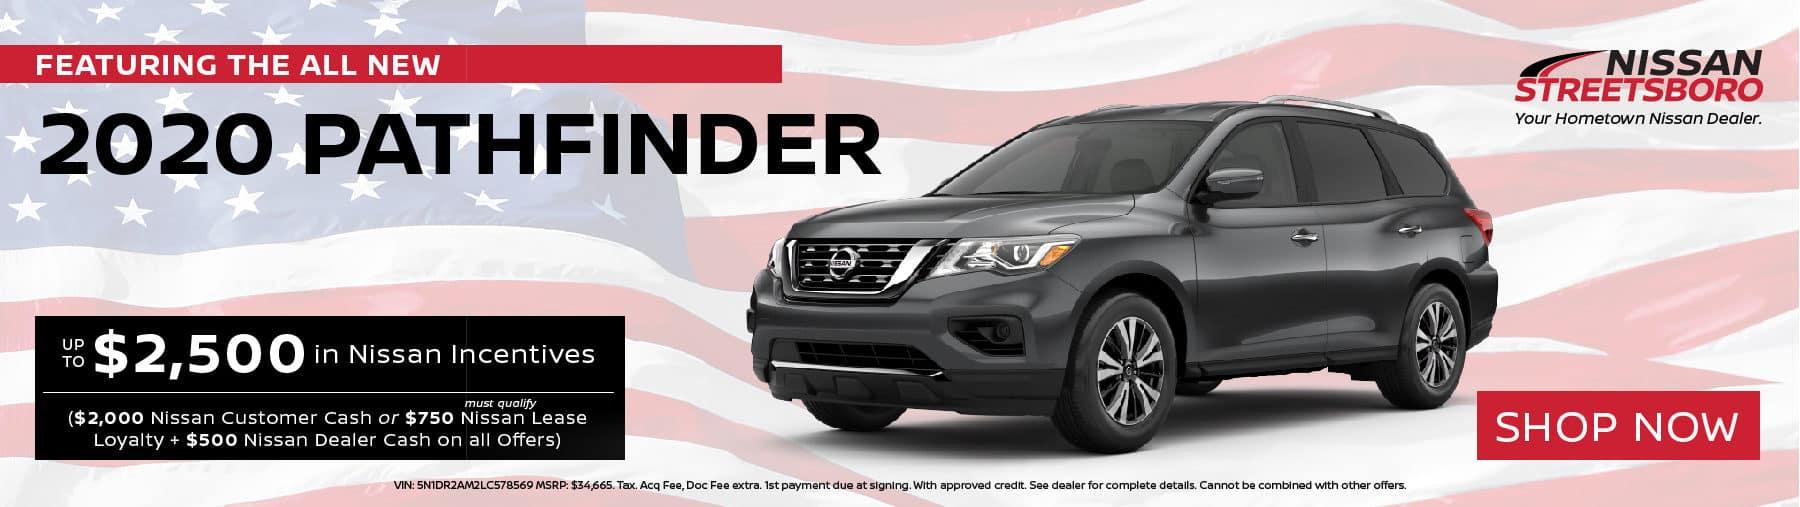 2020 Nissan Pathfinder Incentives